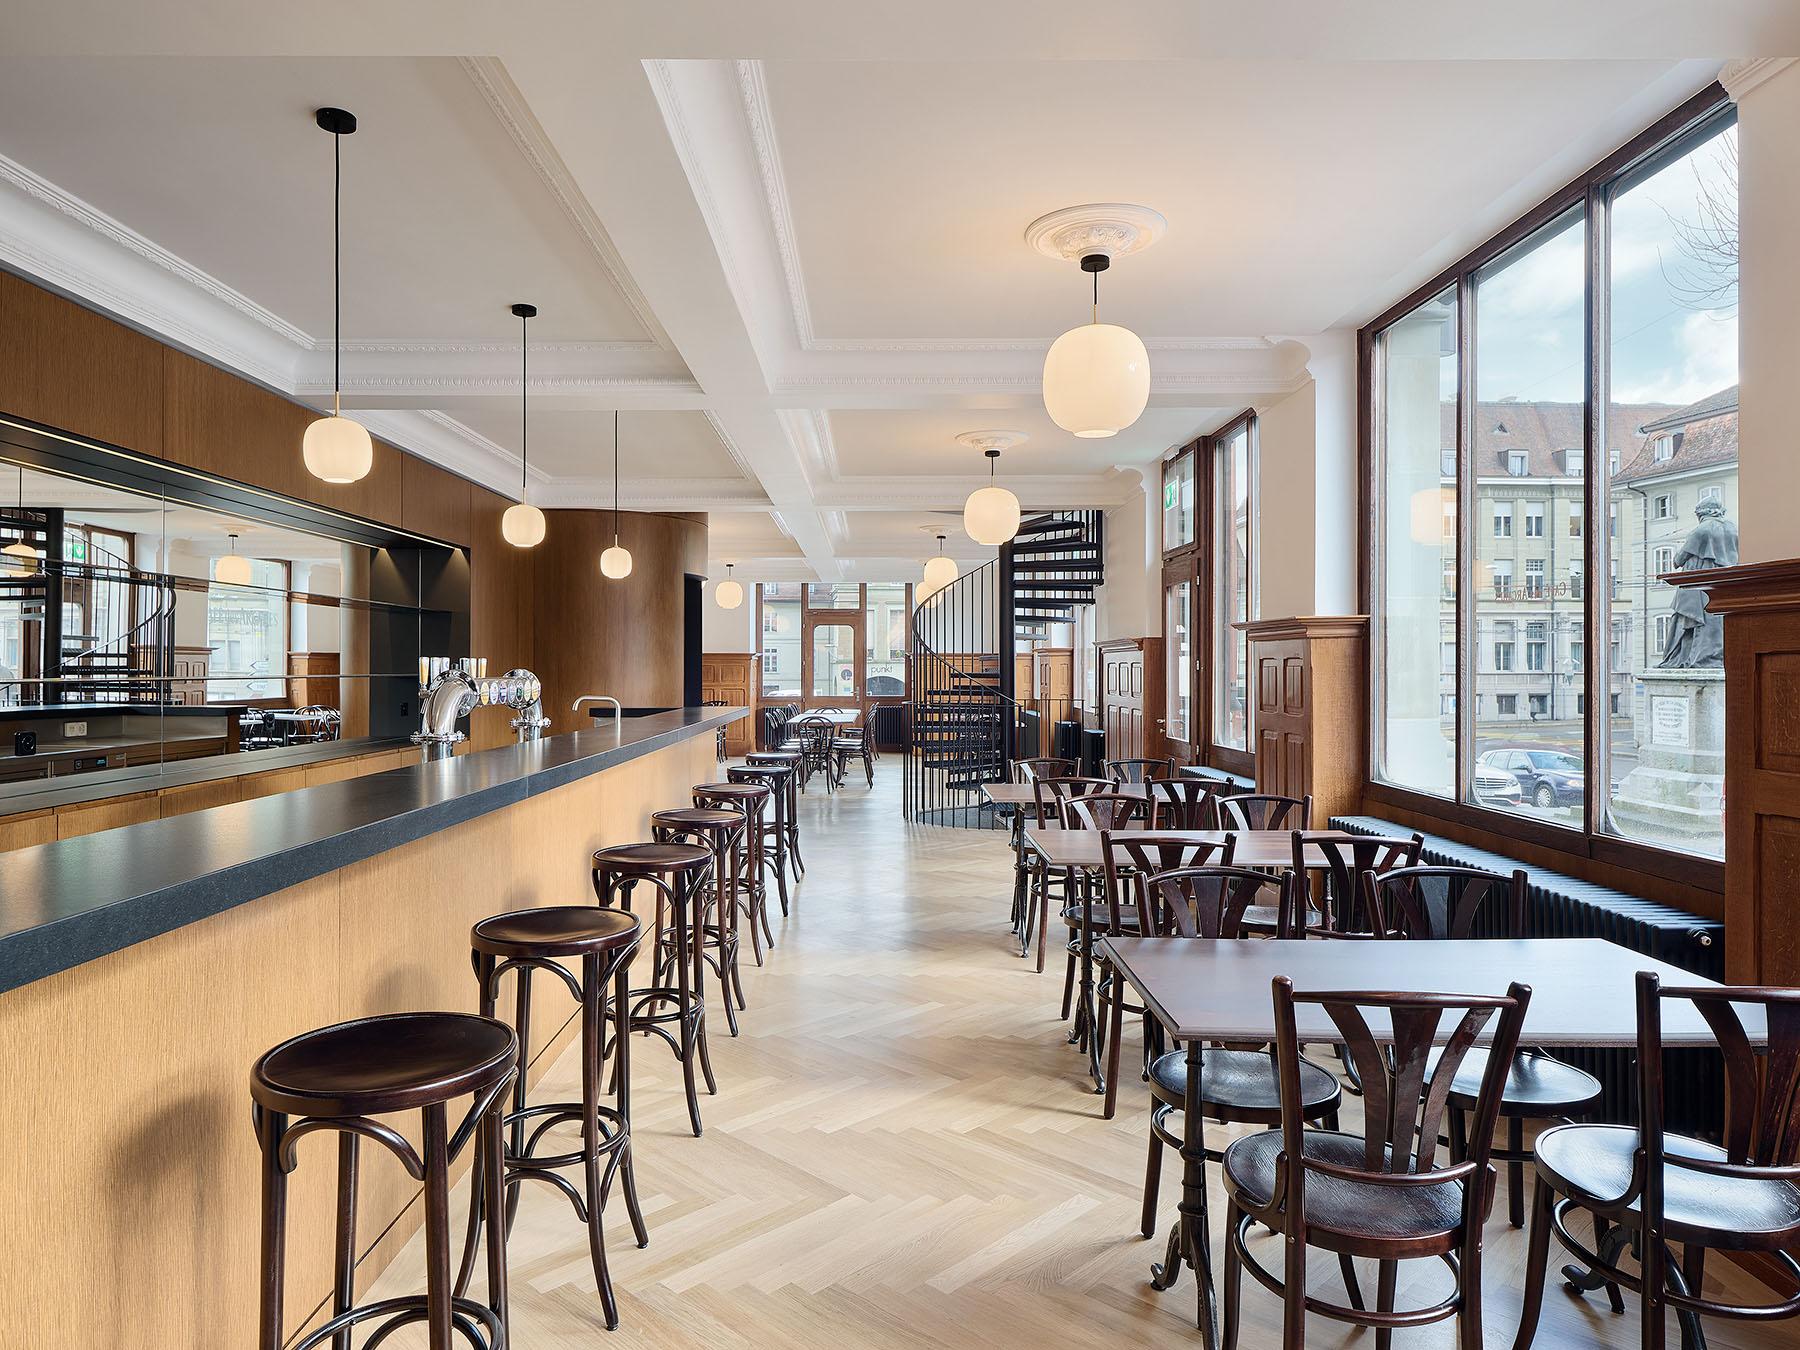 Salle à manger; rez-de-chaussée; Arcades; Fribourg